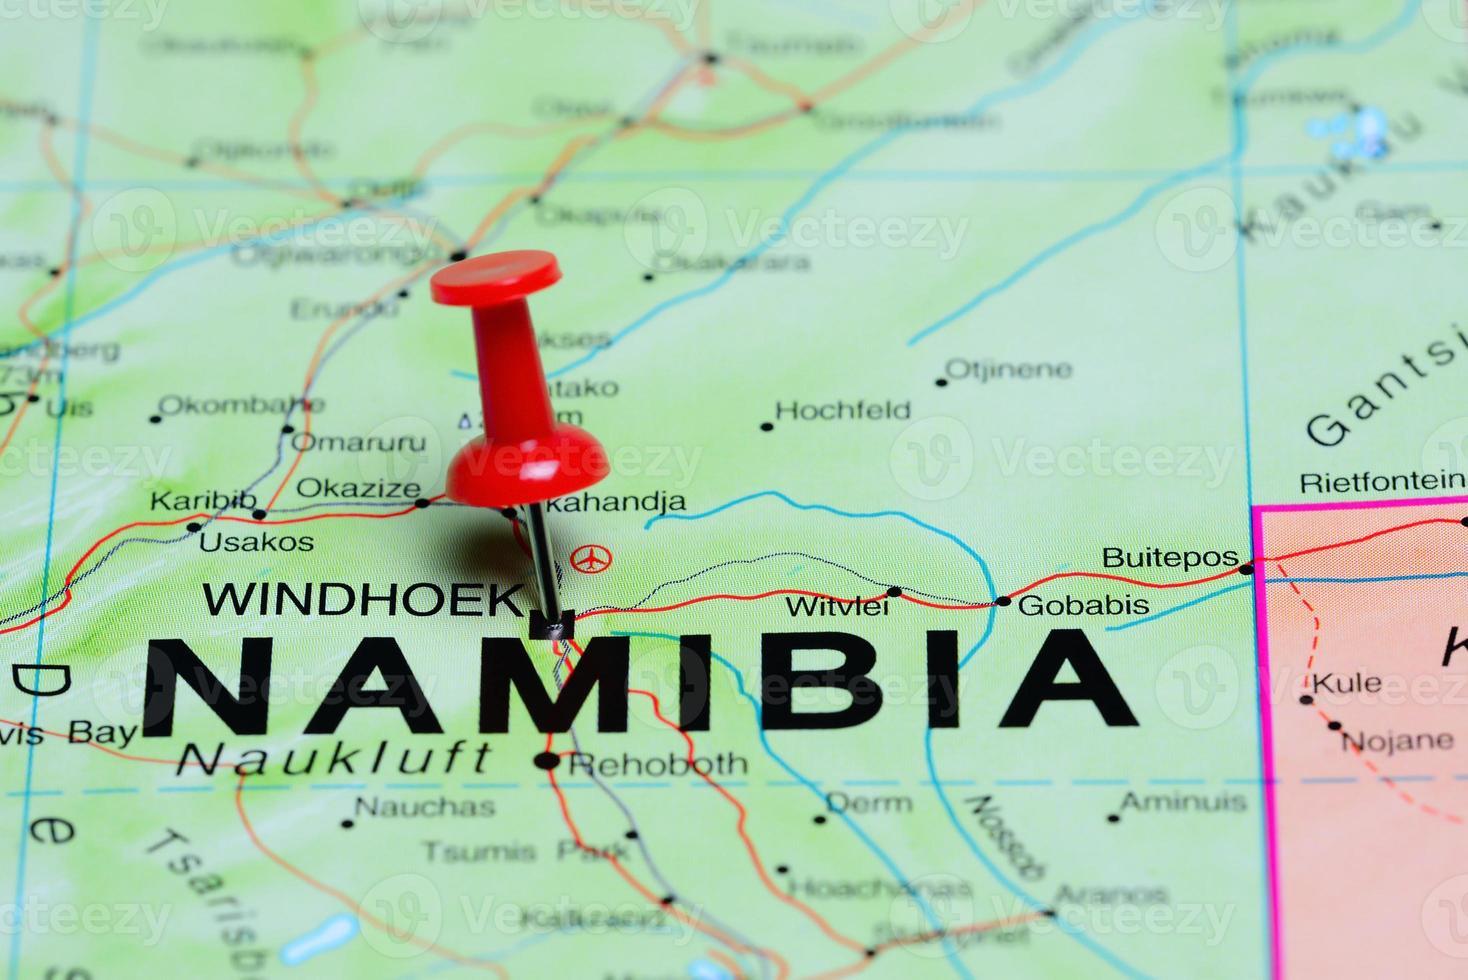 Windhoek coincé sur une carte de l'Afrique photo